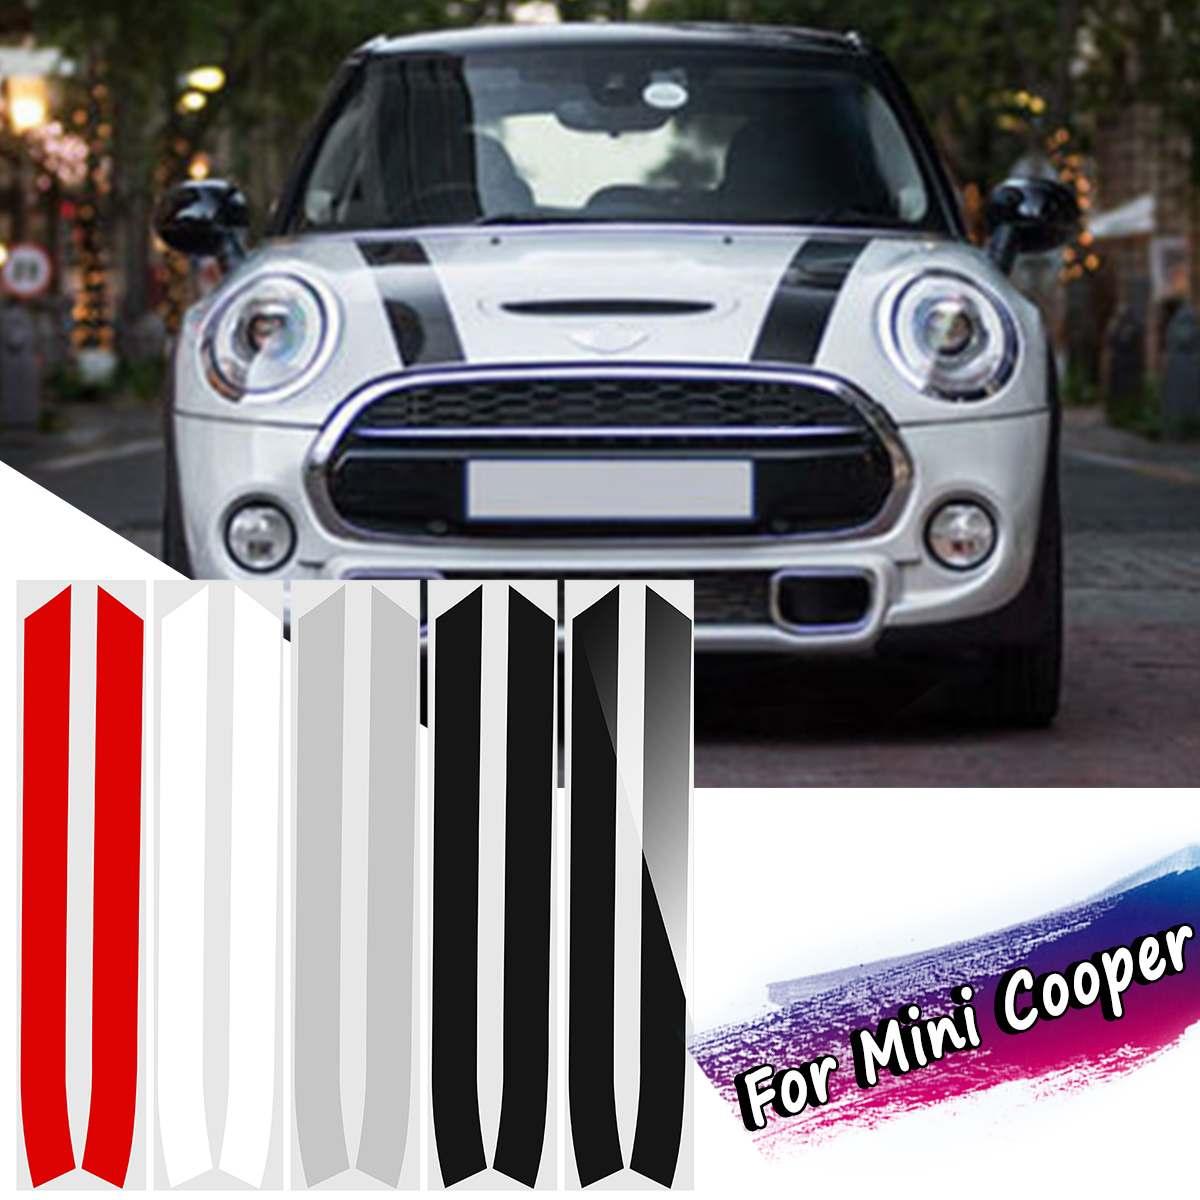 2pcs engine bonnet hood stripe trim sticker decals for. Black Bedroom Furniture Sets. Home Design Ideas